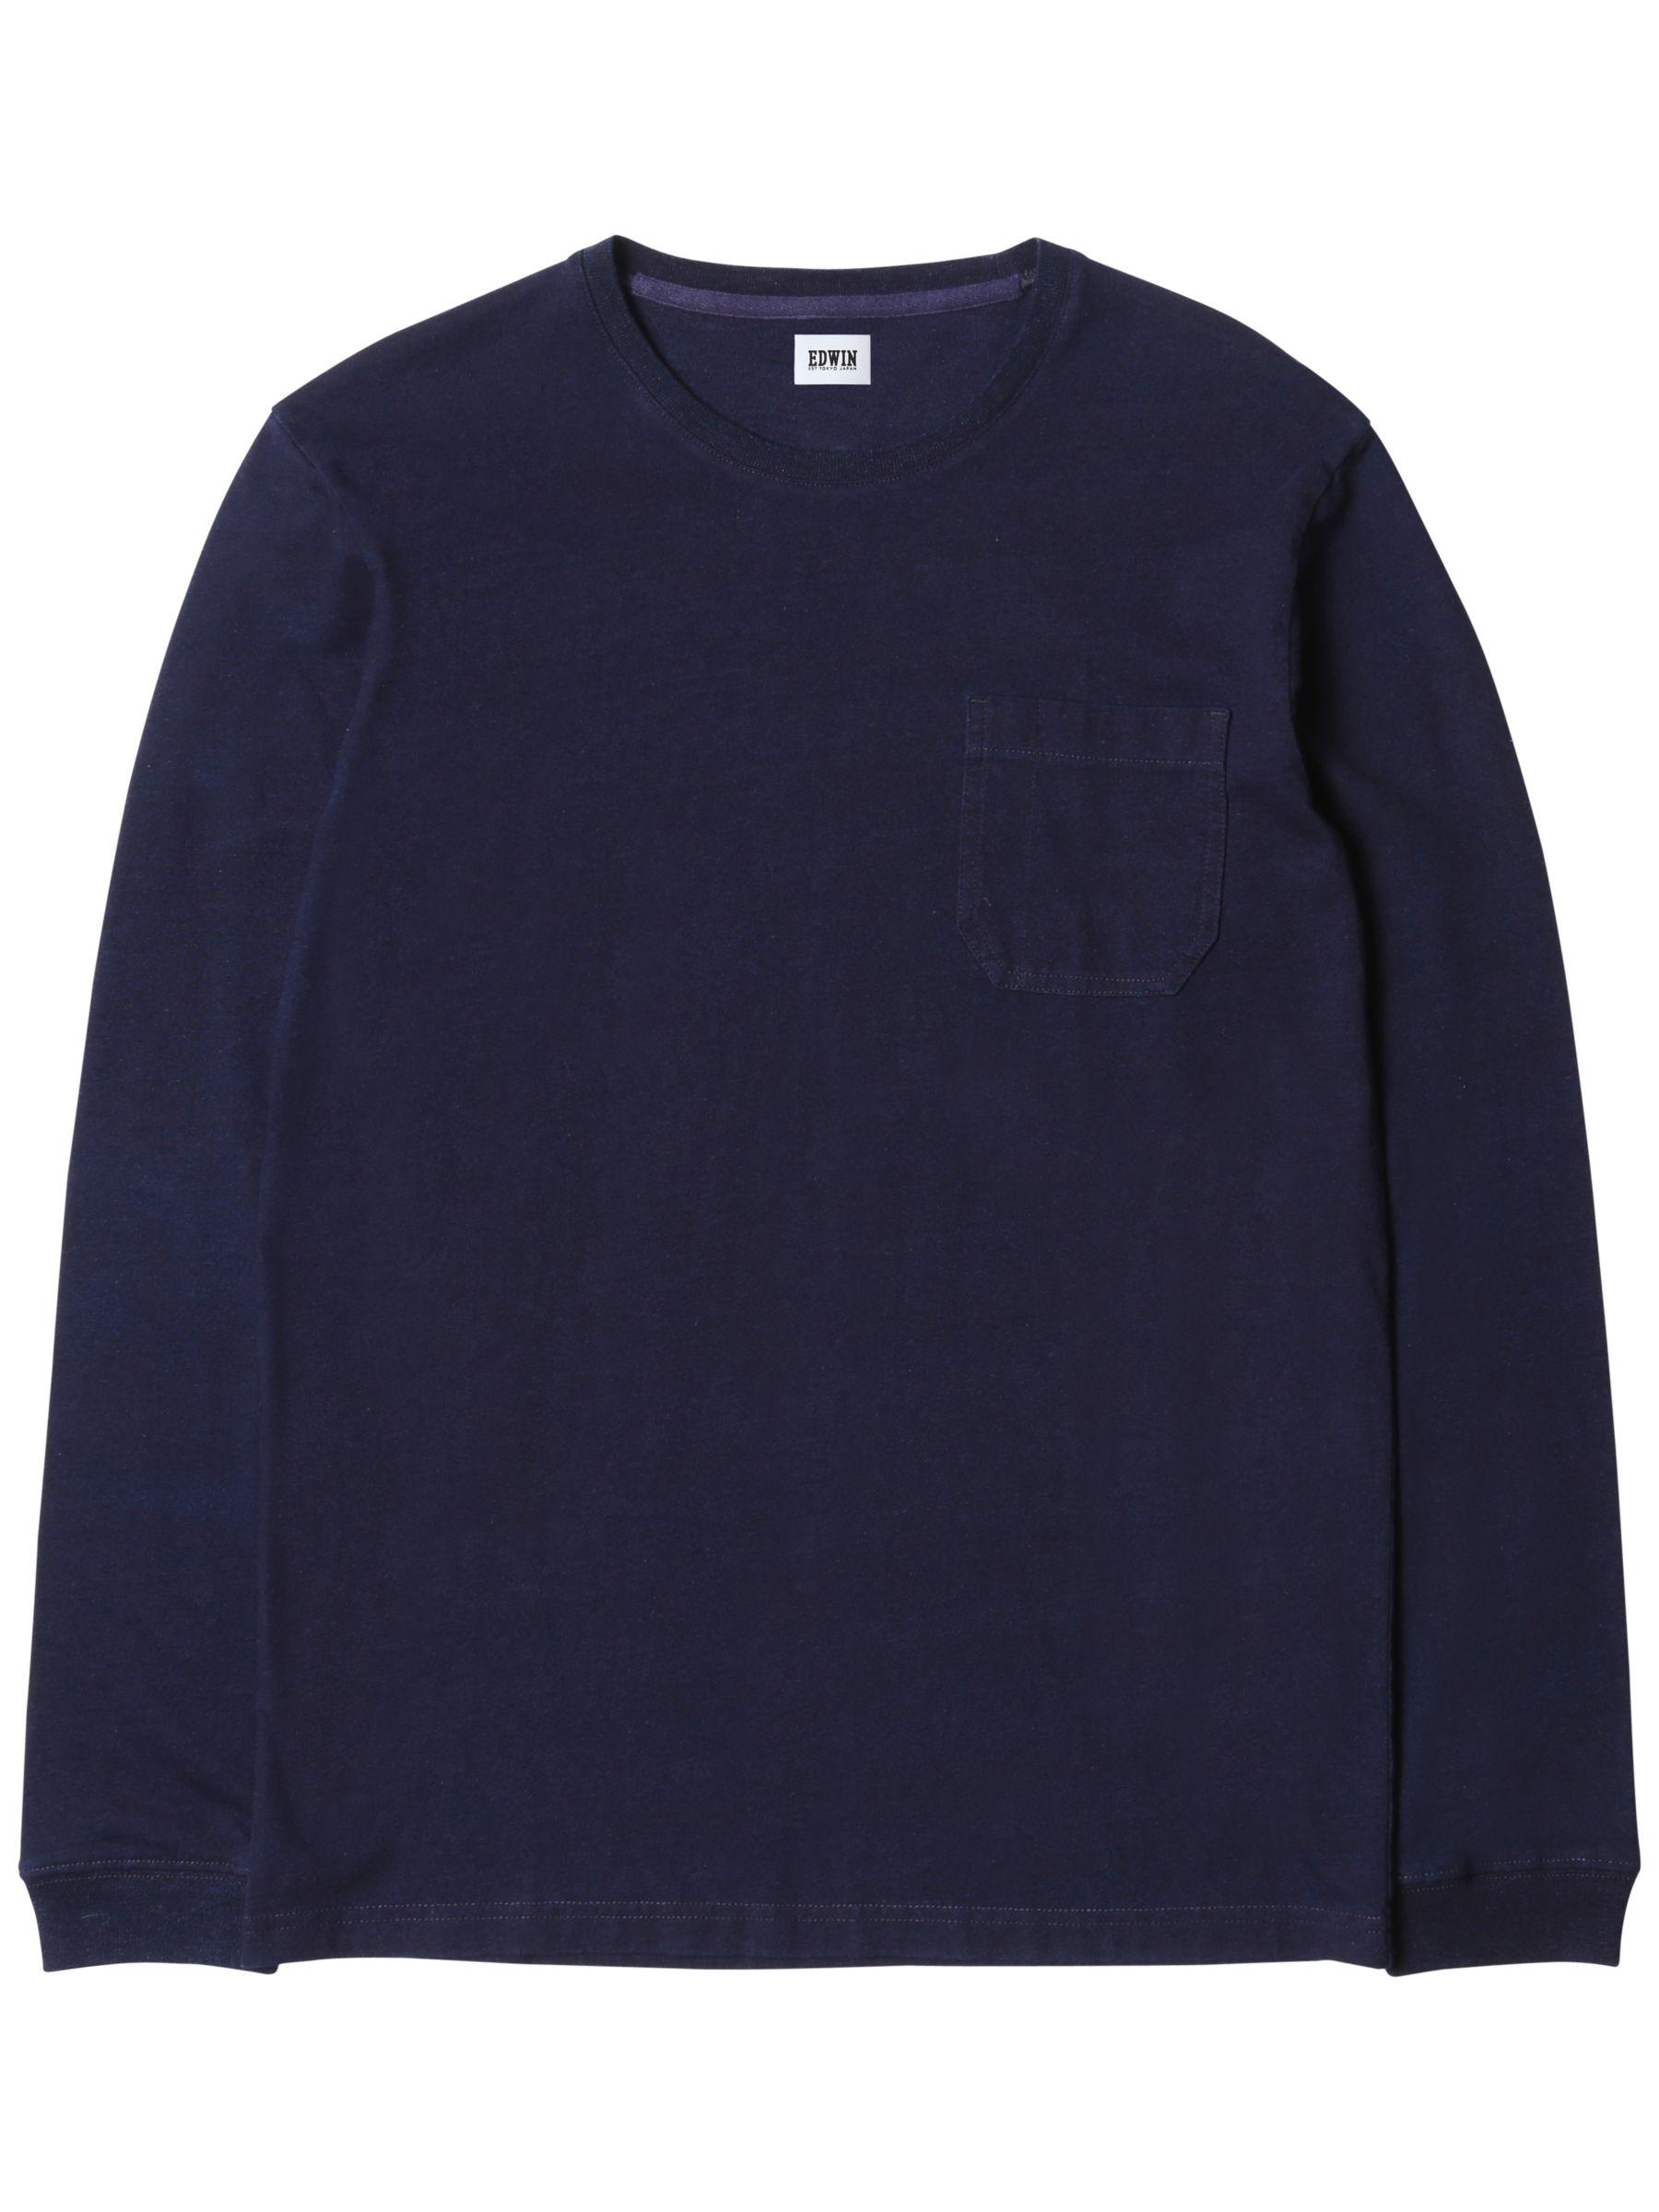 Edwin Edwin Marvin Long Sleeve T-Shirt, Dark Indigo